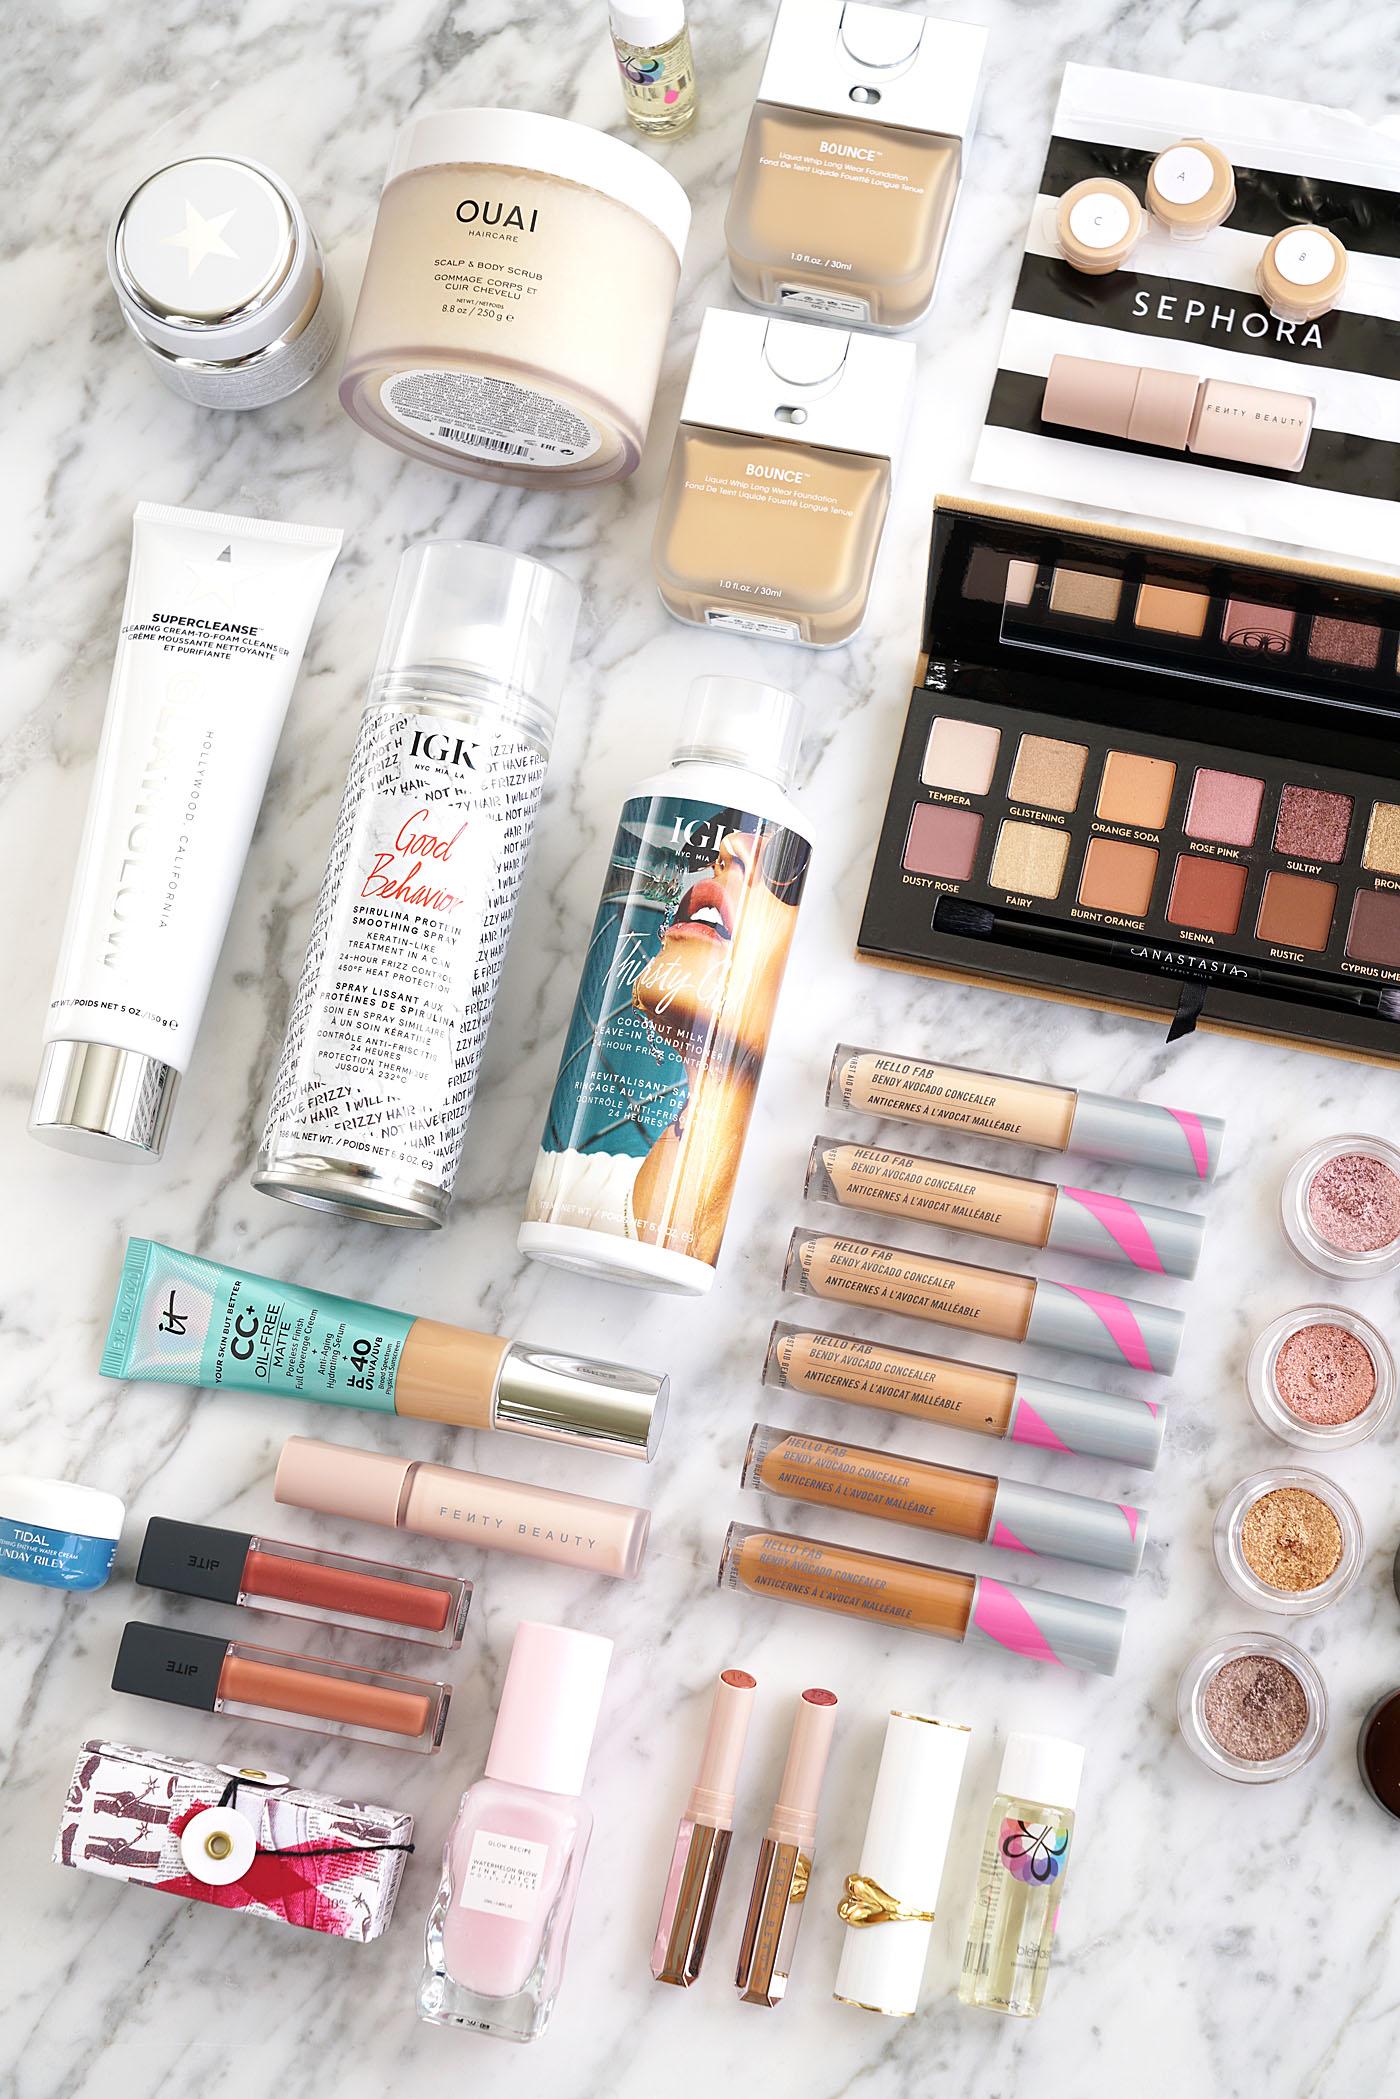 Sephora Haul Picks Ouai, Recette Glow, IGK, Bite Beauty, Glamglow   Le livre de beauté